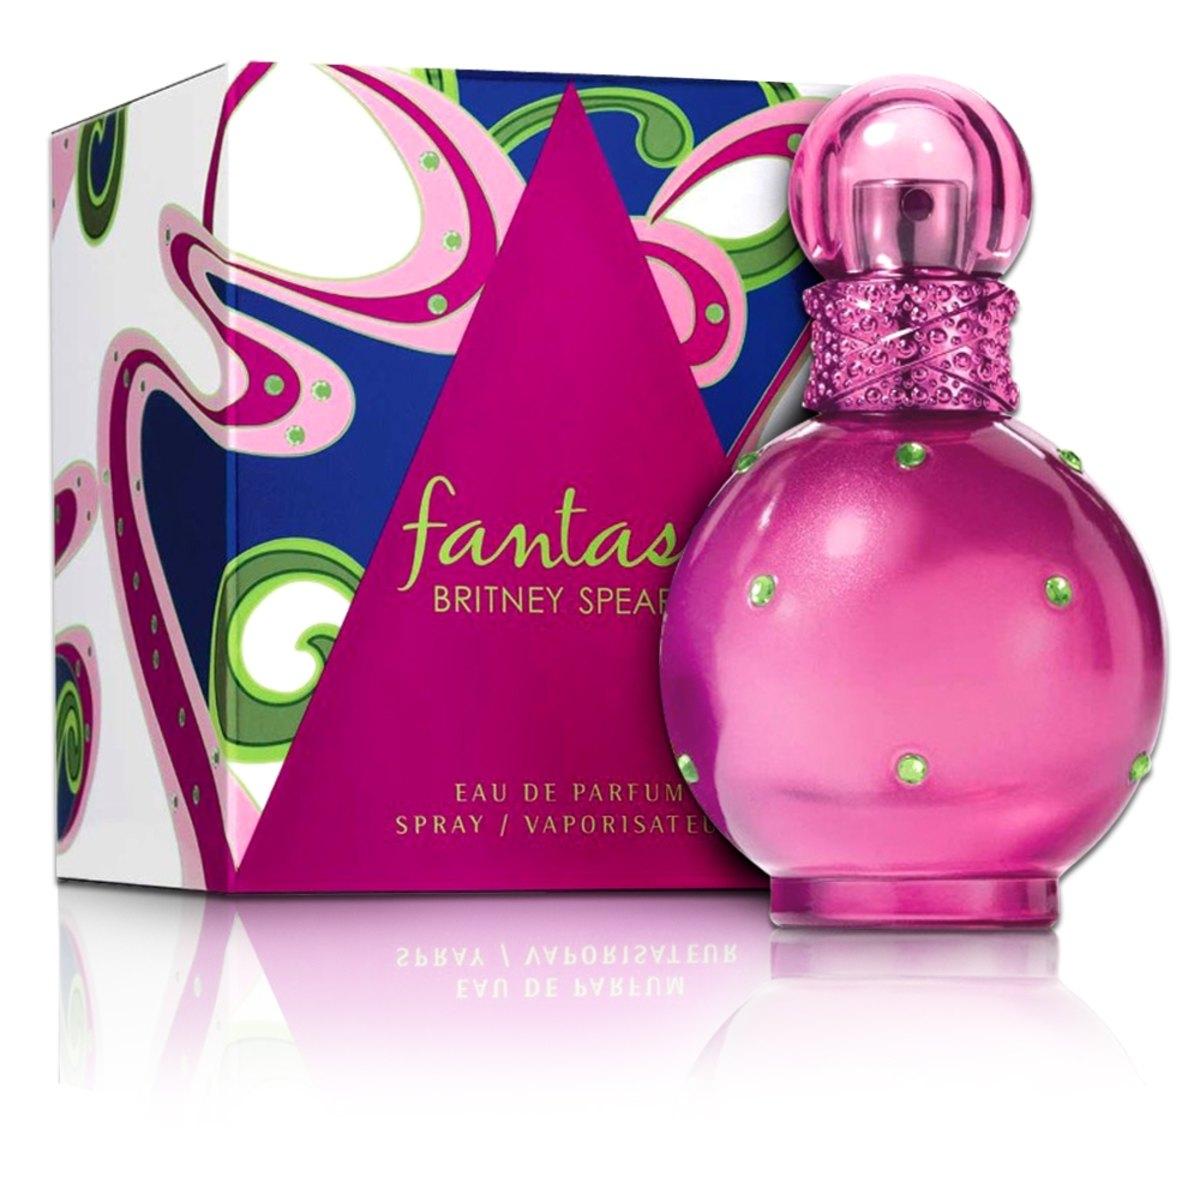 Imagem de Perfume Fantasy Britney Spears 100ml